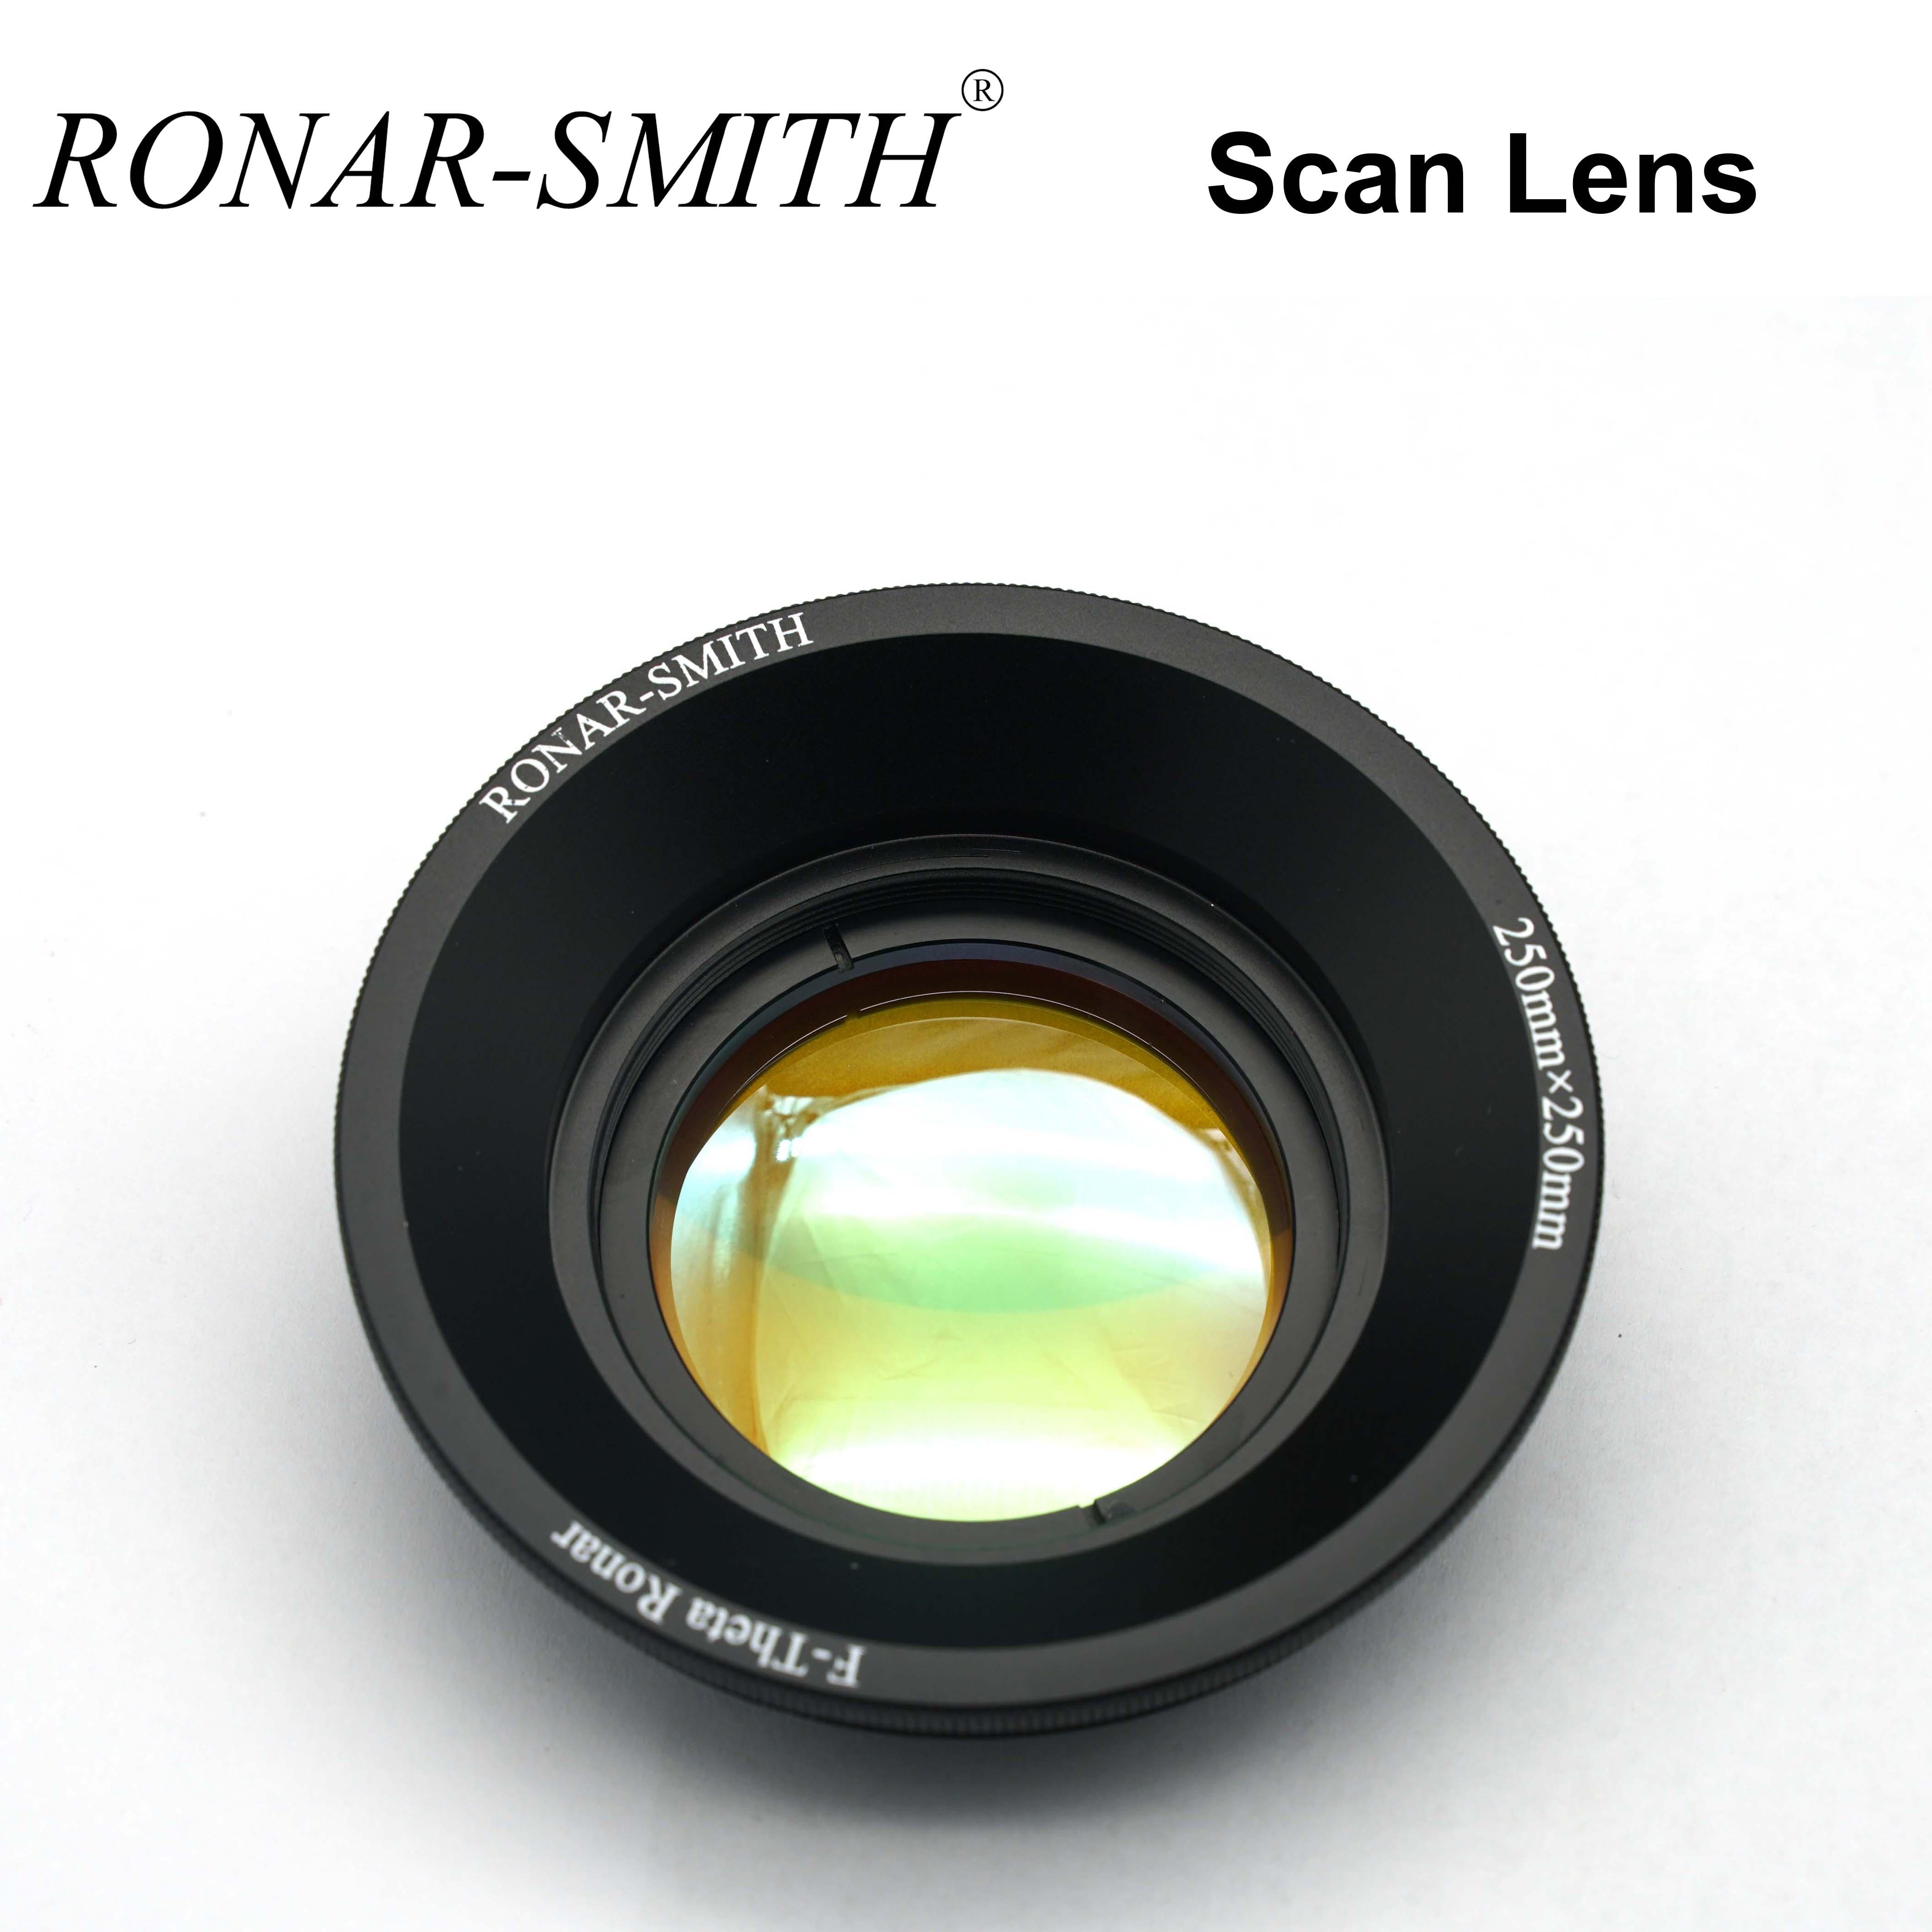 RONAR-SMITH longitud de onda OPEX CO2 escanear Lesn F-theta lente 10600nm 10,6-70-100-10,6-110-150-10,6-140-200-10,6-175-250-10,6-215-300